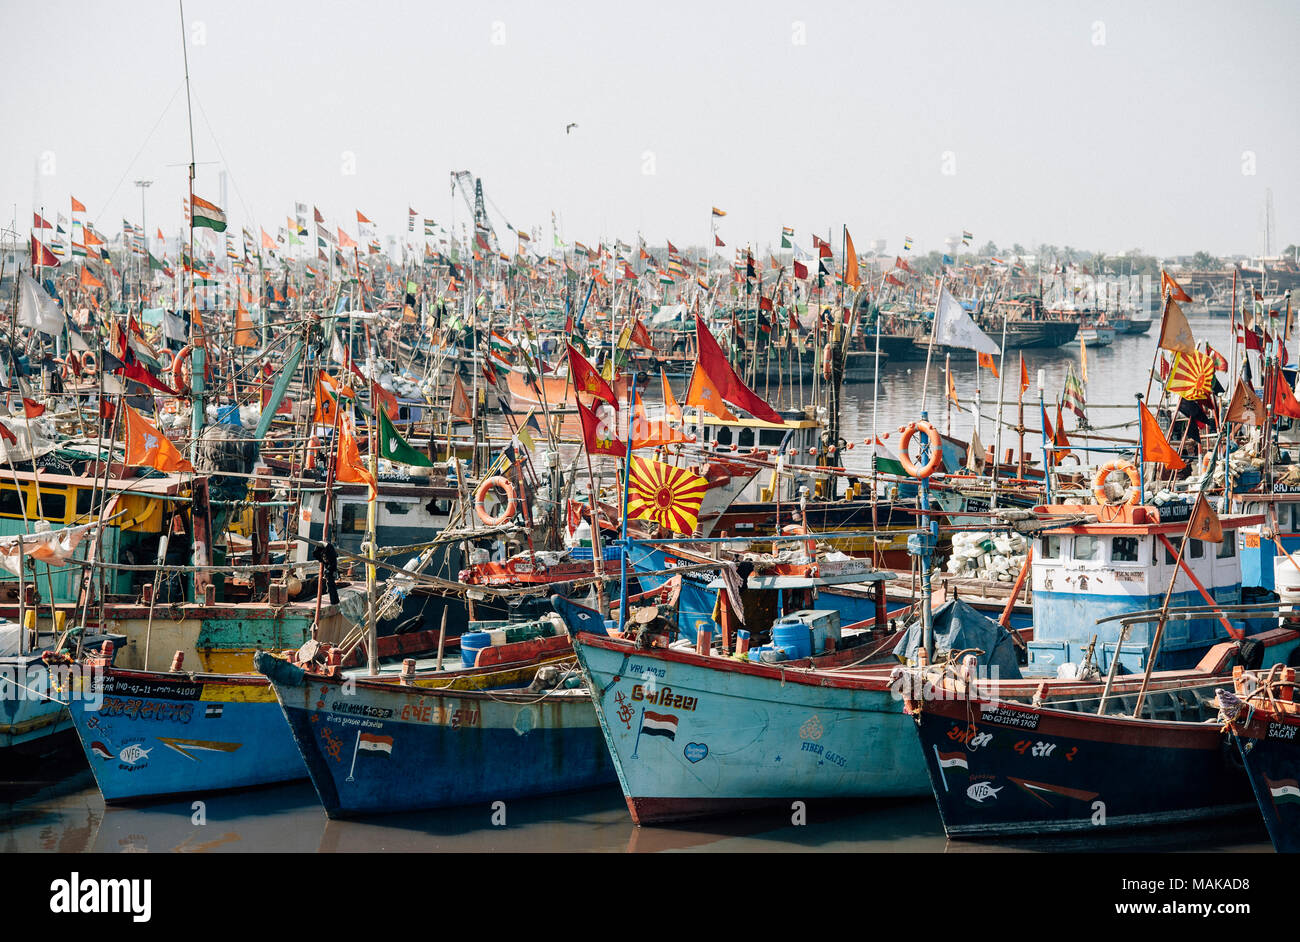 Port avec Fisherboats en Inde Photo Stock